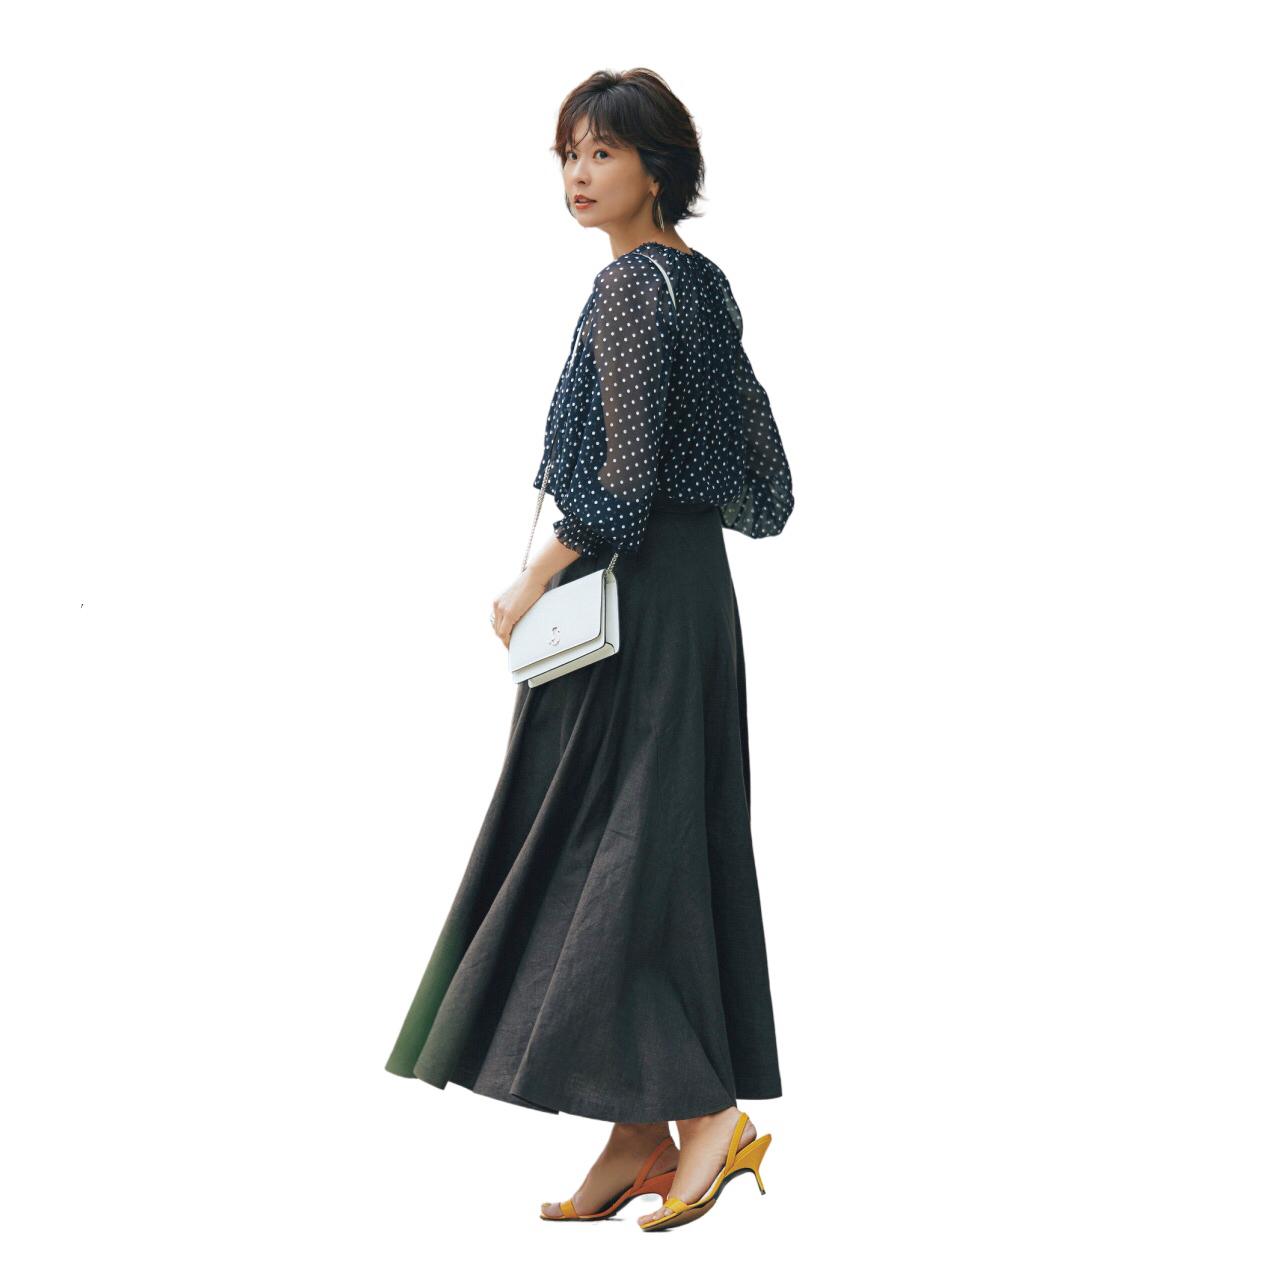 黒シアーブラウスとリネンスカートのコーデ モデル・五明祐子